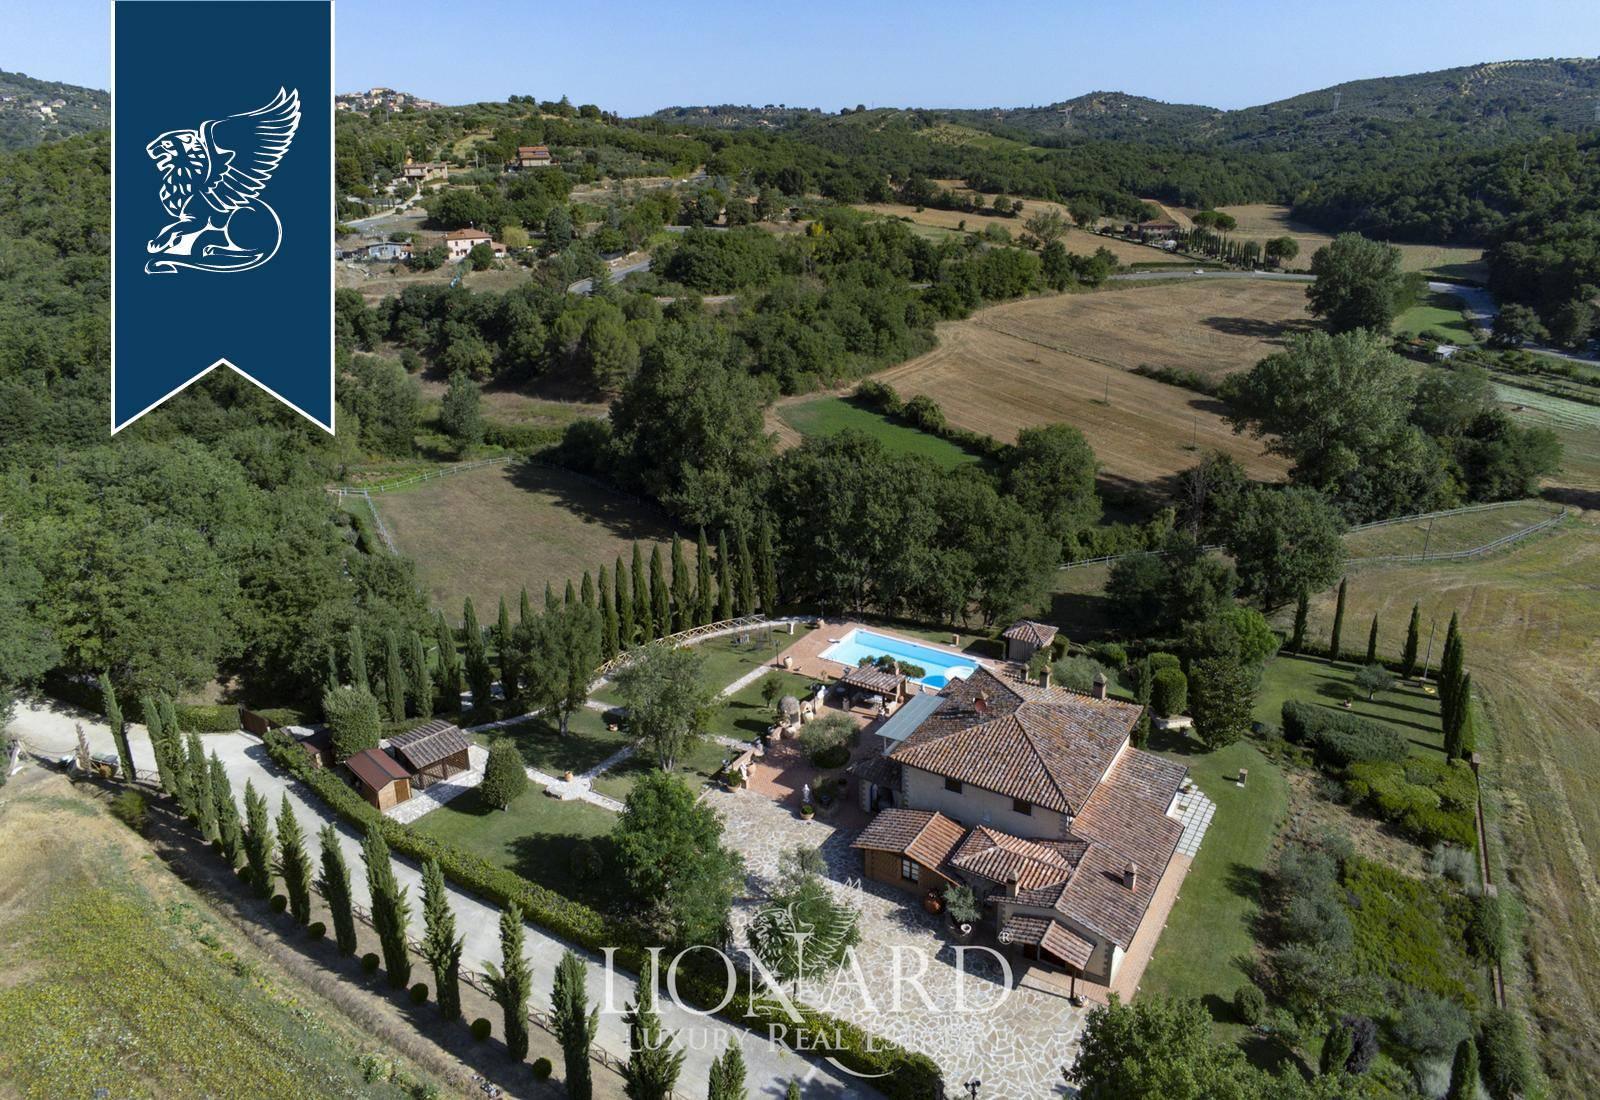 Villa in Vendita a Panicale: 0 locali, 800 mq - Foto 3